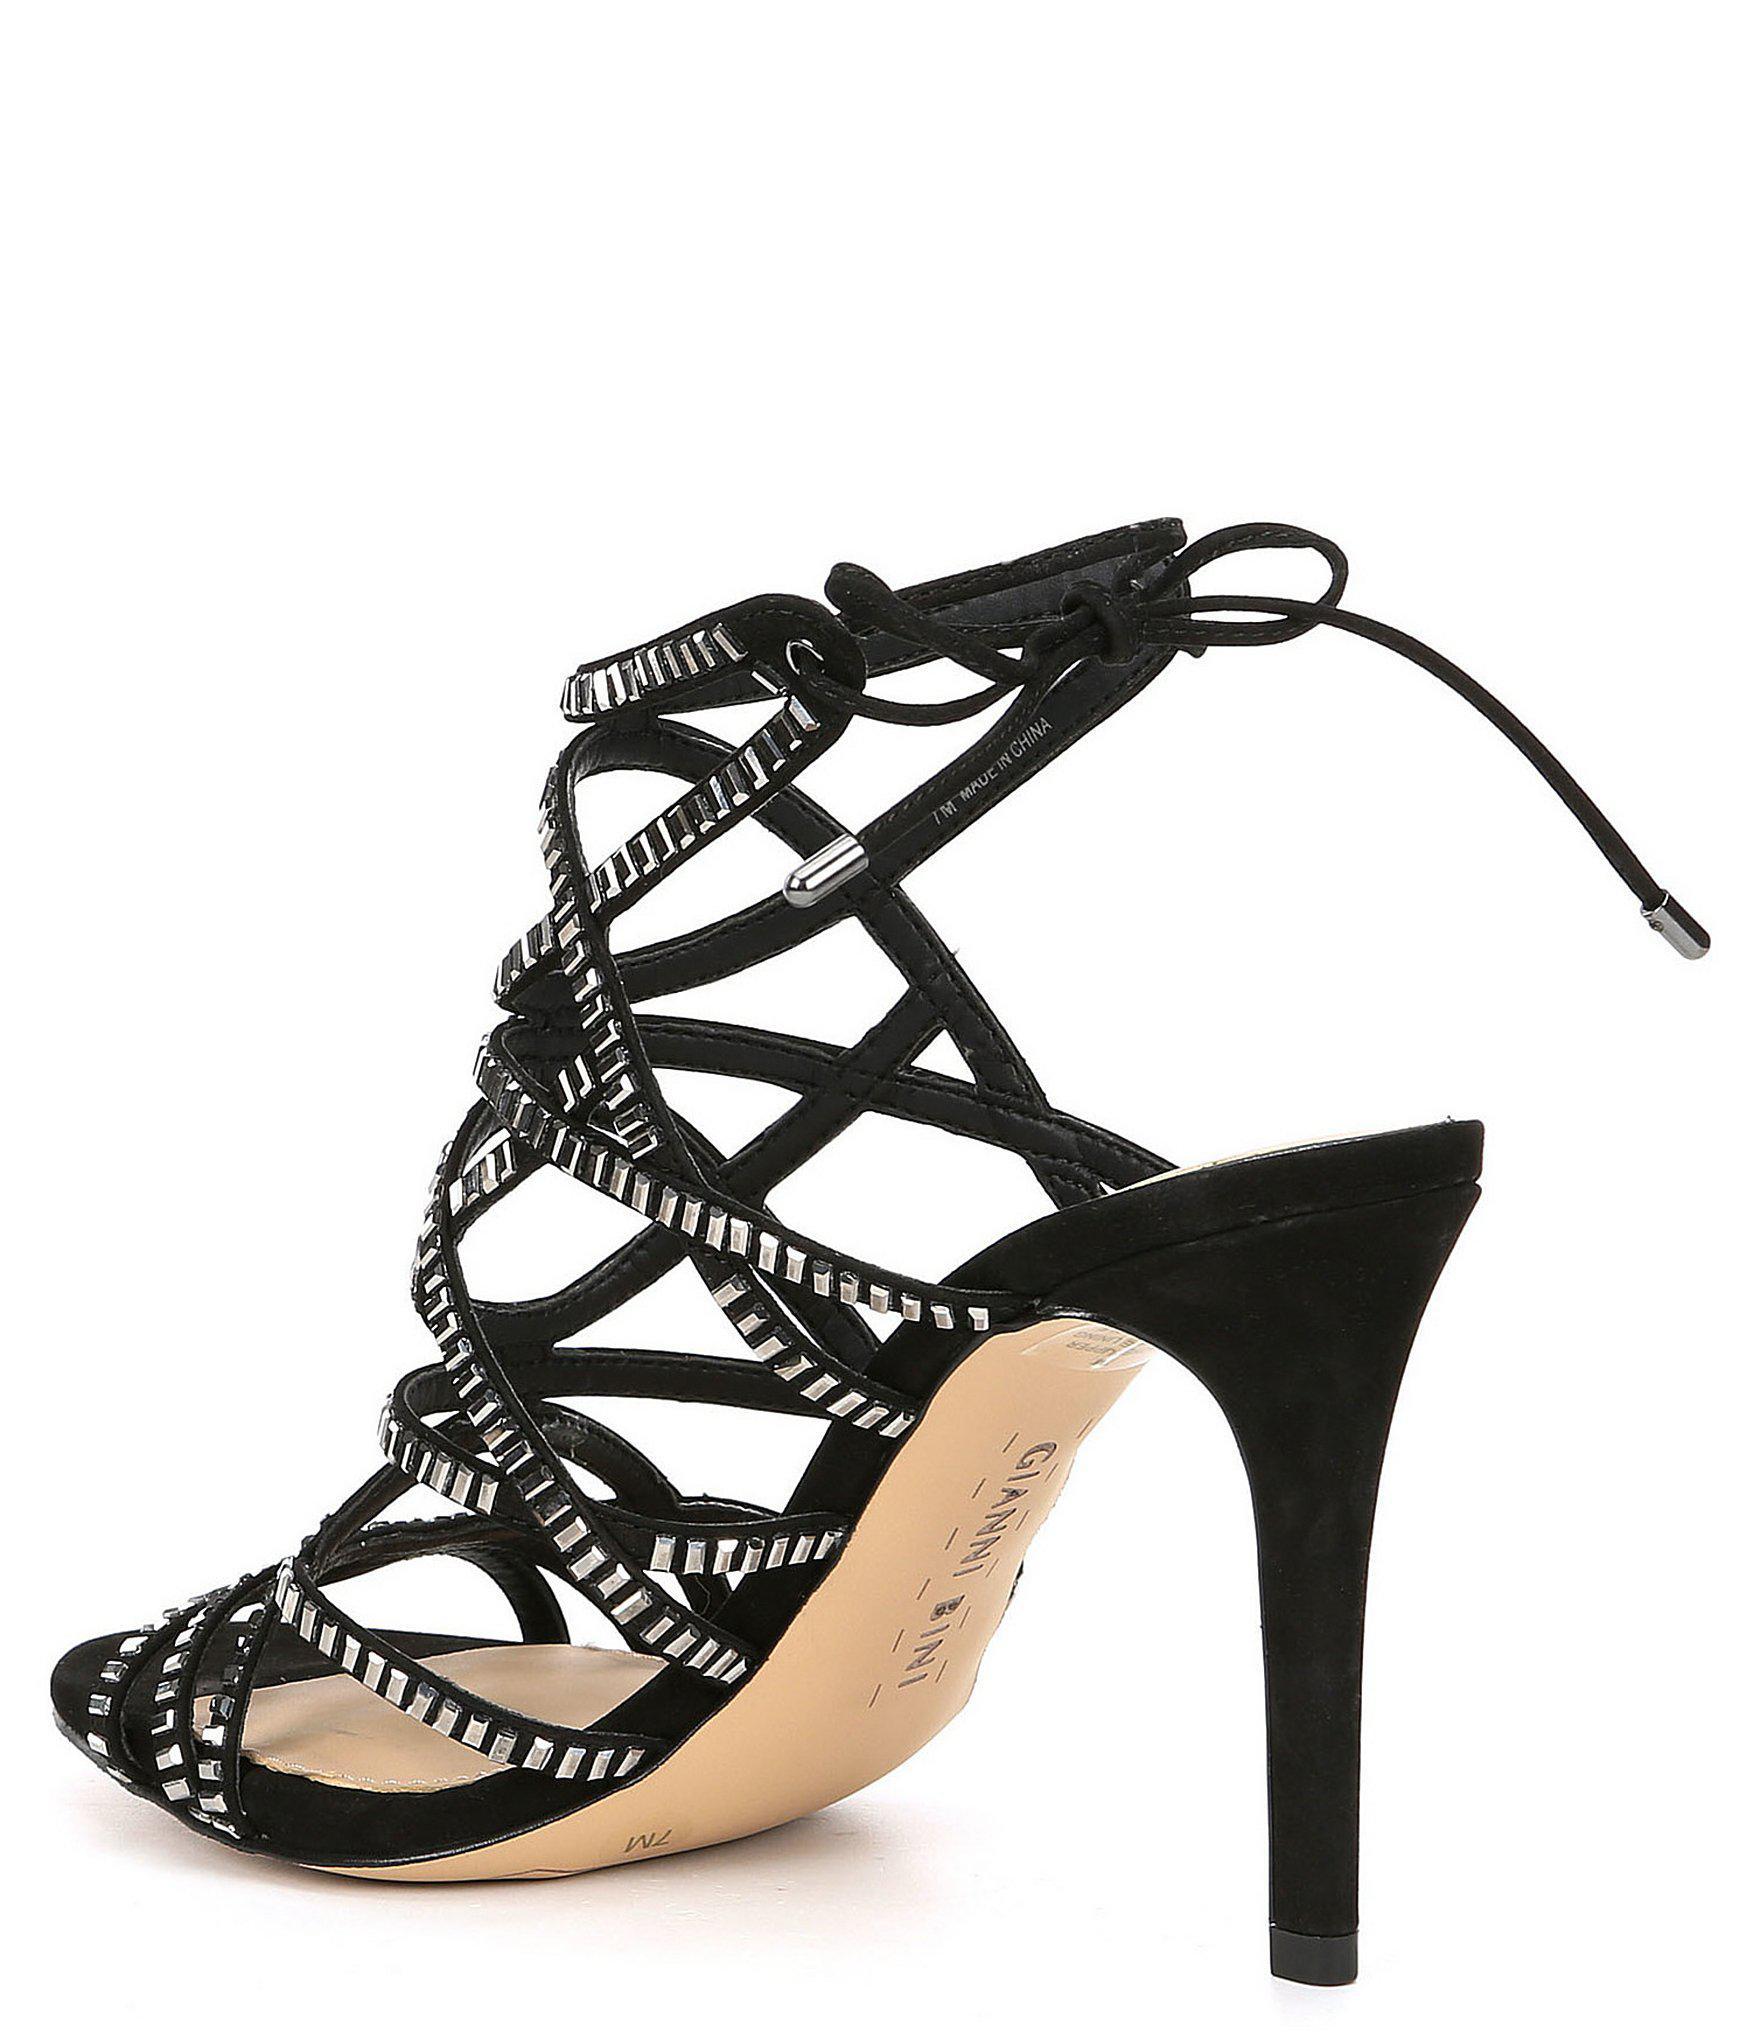 d93113f1be72 Gianni Bini - Black Kellzie Nubuck Jeweled Dress Sandals - Lyst. View  fullscreen